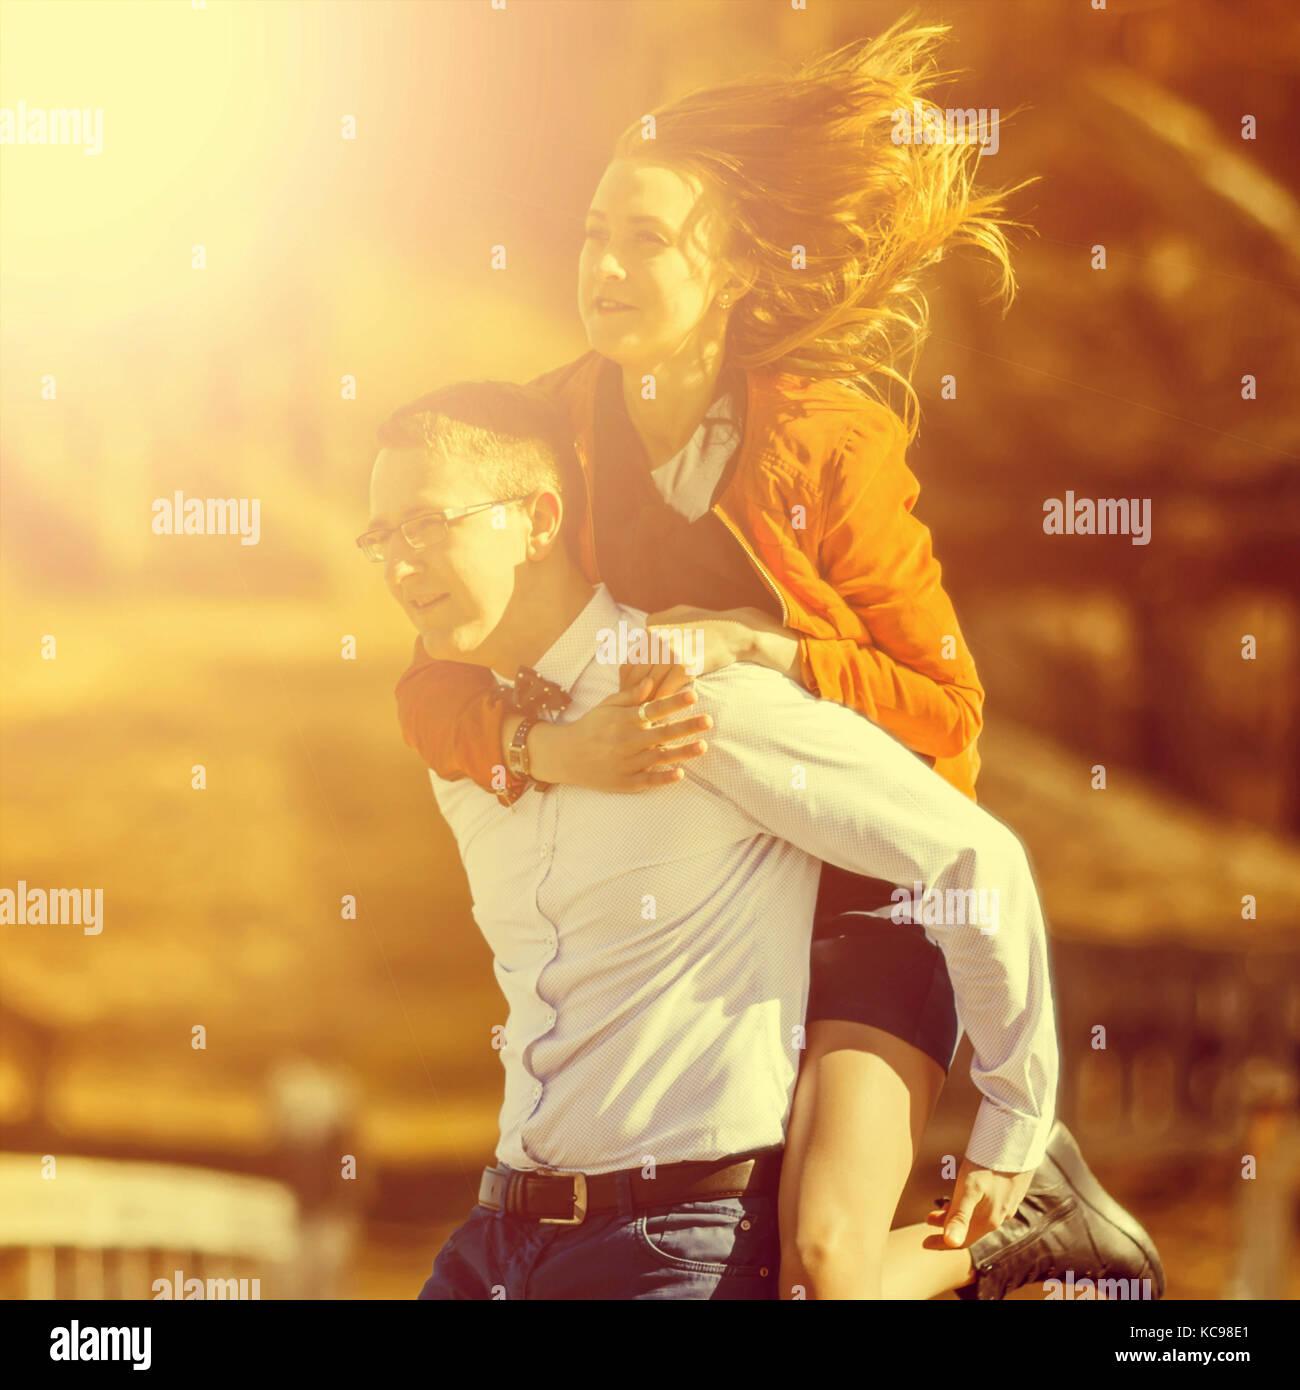 Feliz el hombre lleva a su novia en la parte posterior del puente sobre el río tono vintage. Imagen De Stock